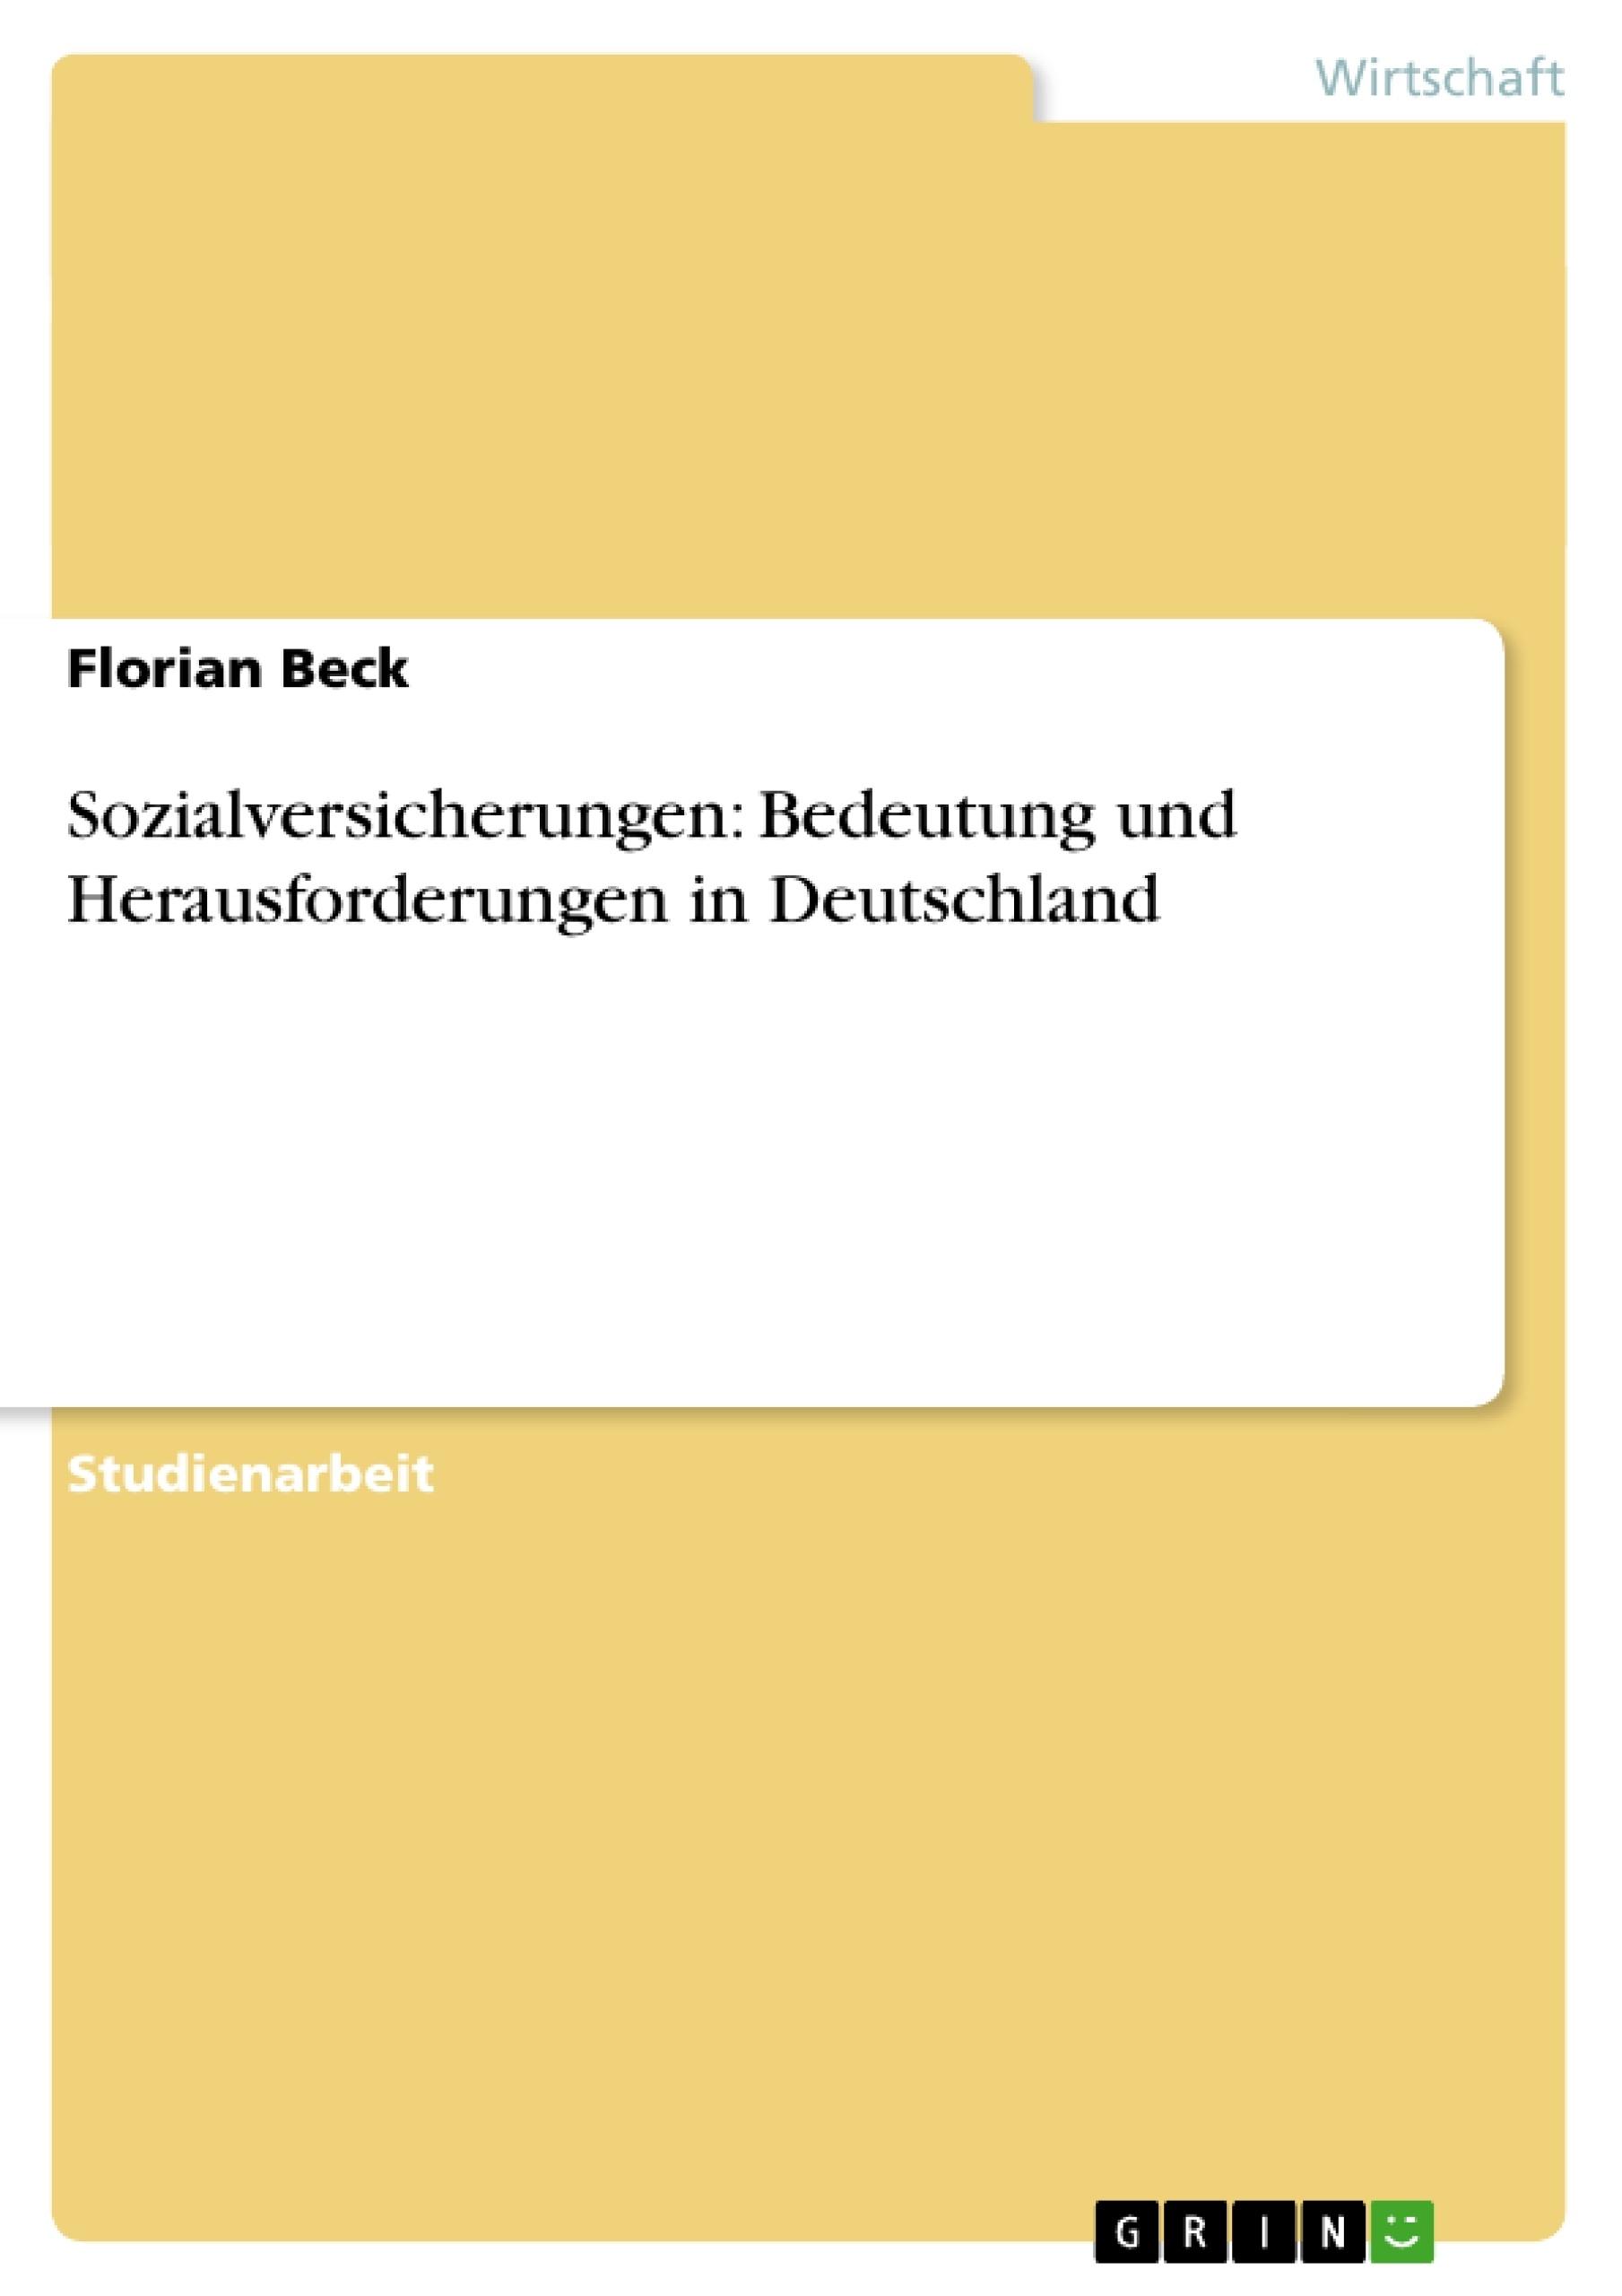 Titel: Sozialversicherungen: Bedeutung und Herausforderungen in Deutschland